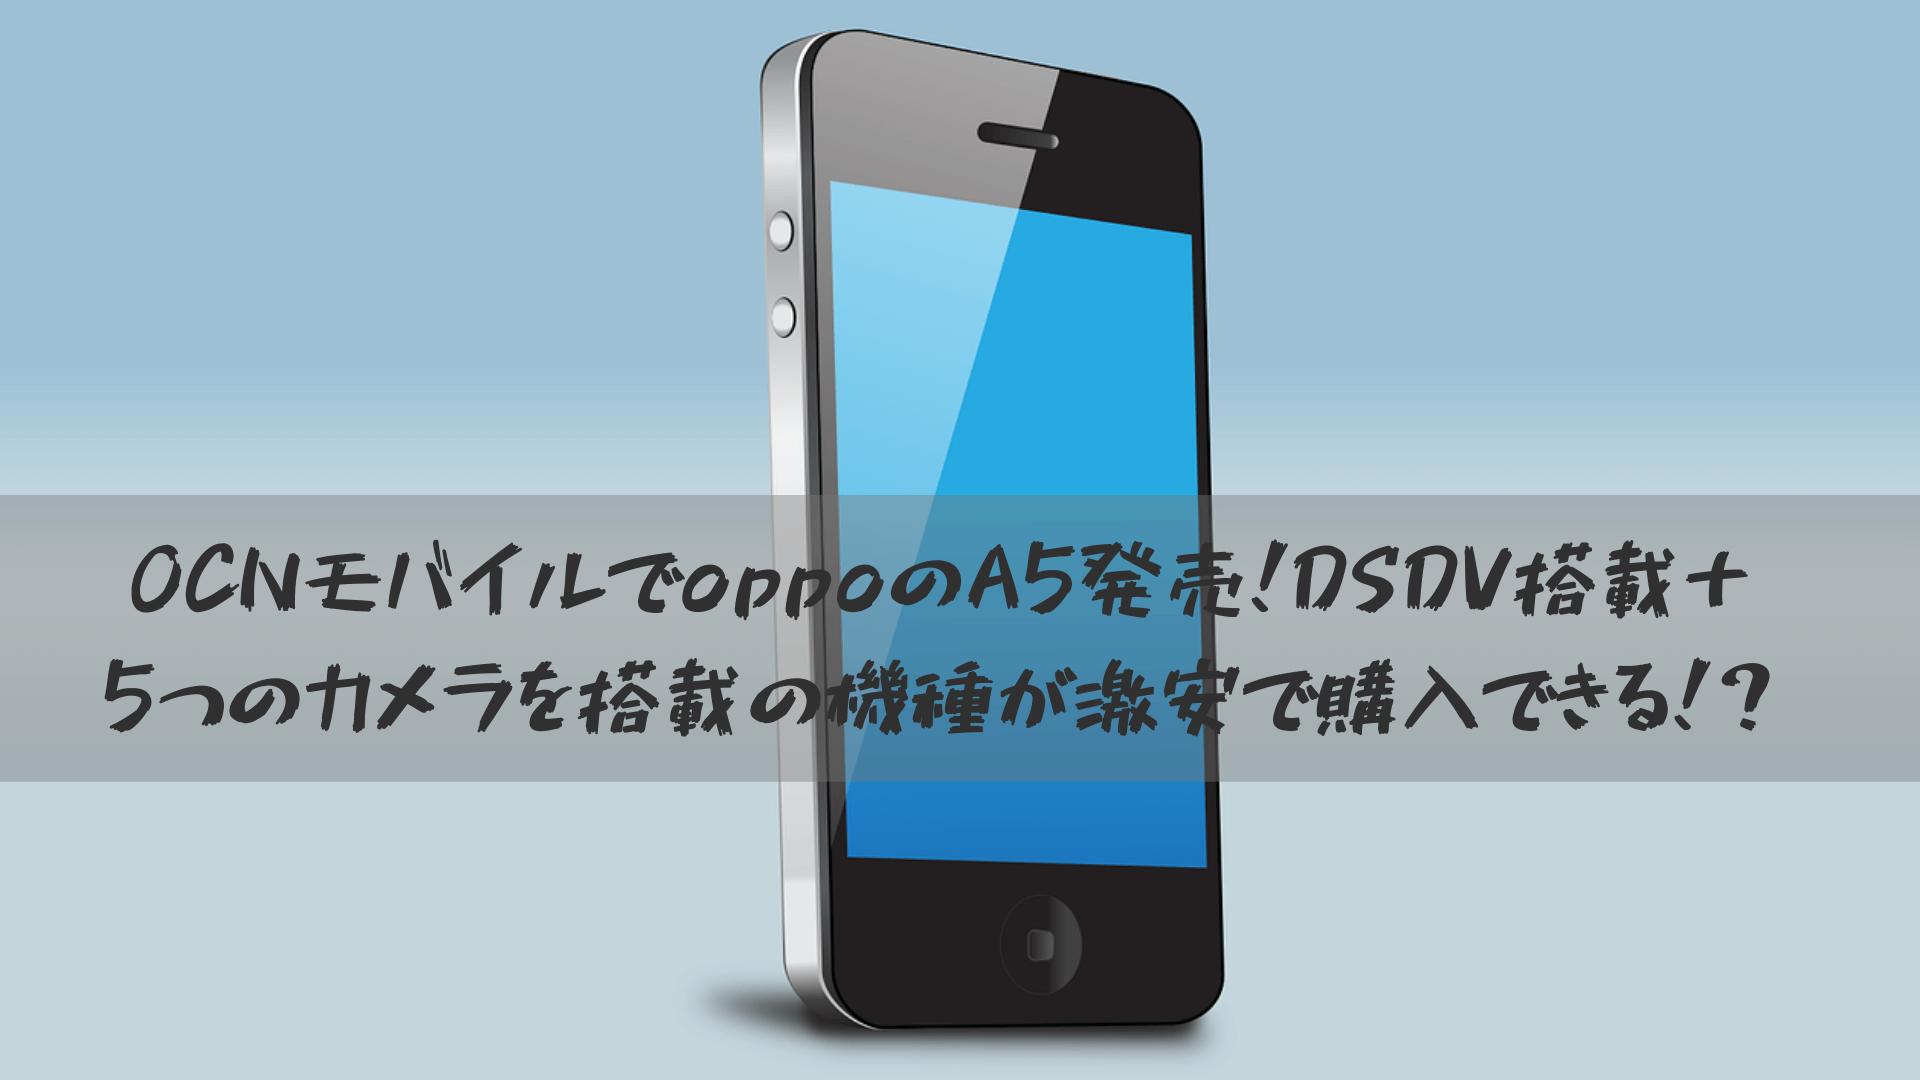 OCNモバイルでoppoのA5発売!DSDV搭載+5つのカメラを搭載の機種が激安で購入できる!?